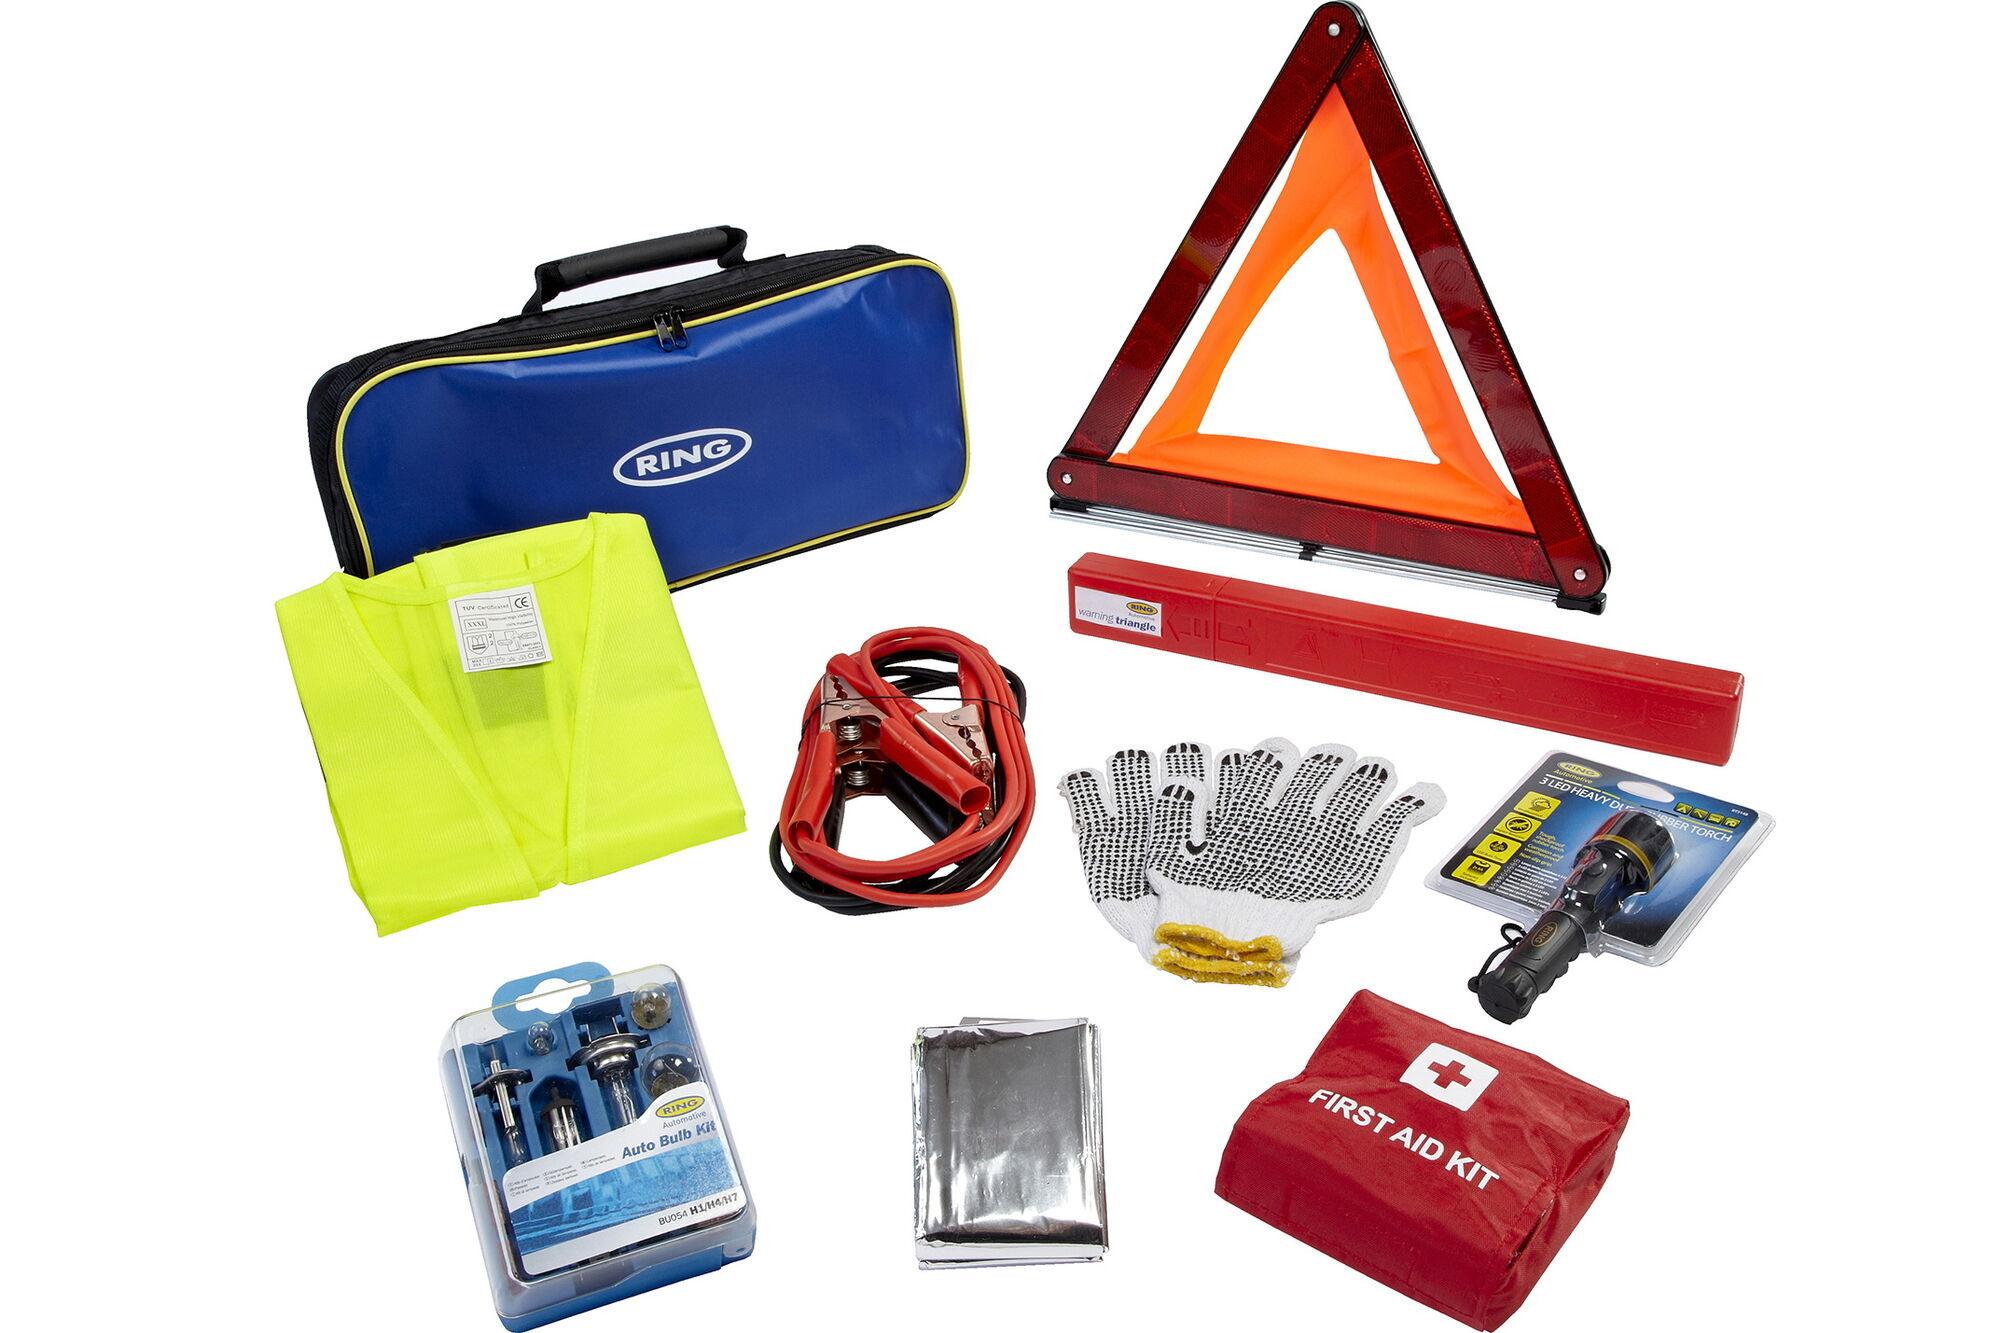 Перевірте наявність необхідного обладнання та інструментів. фото: